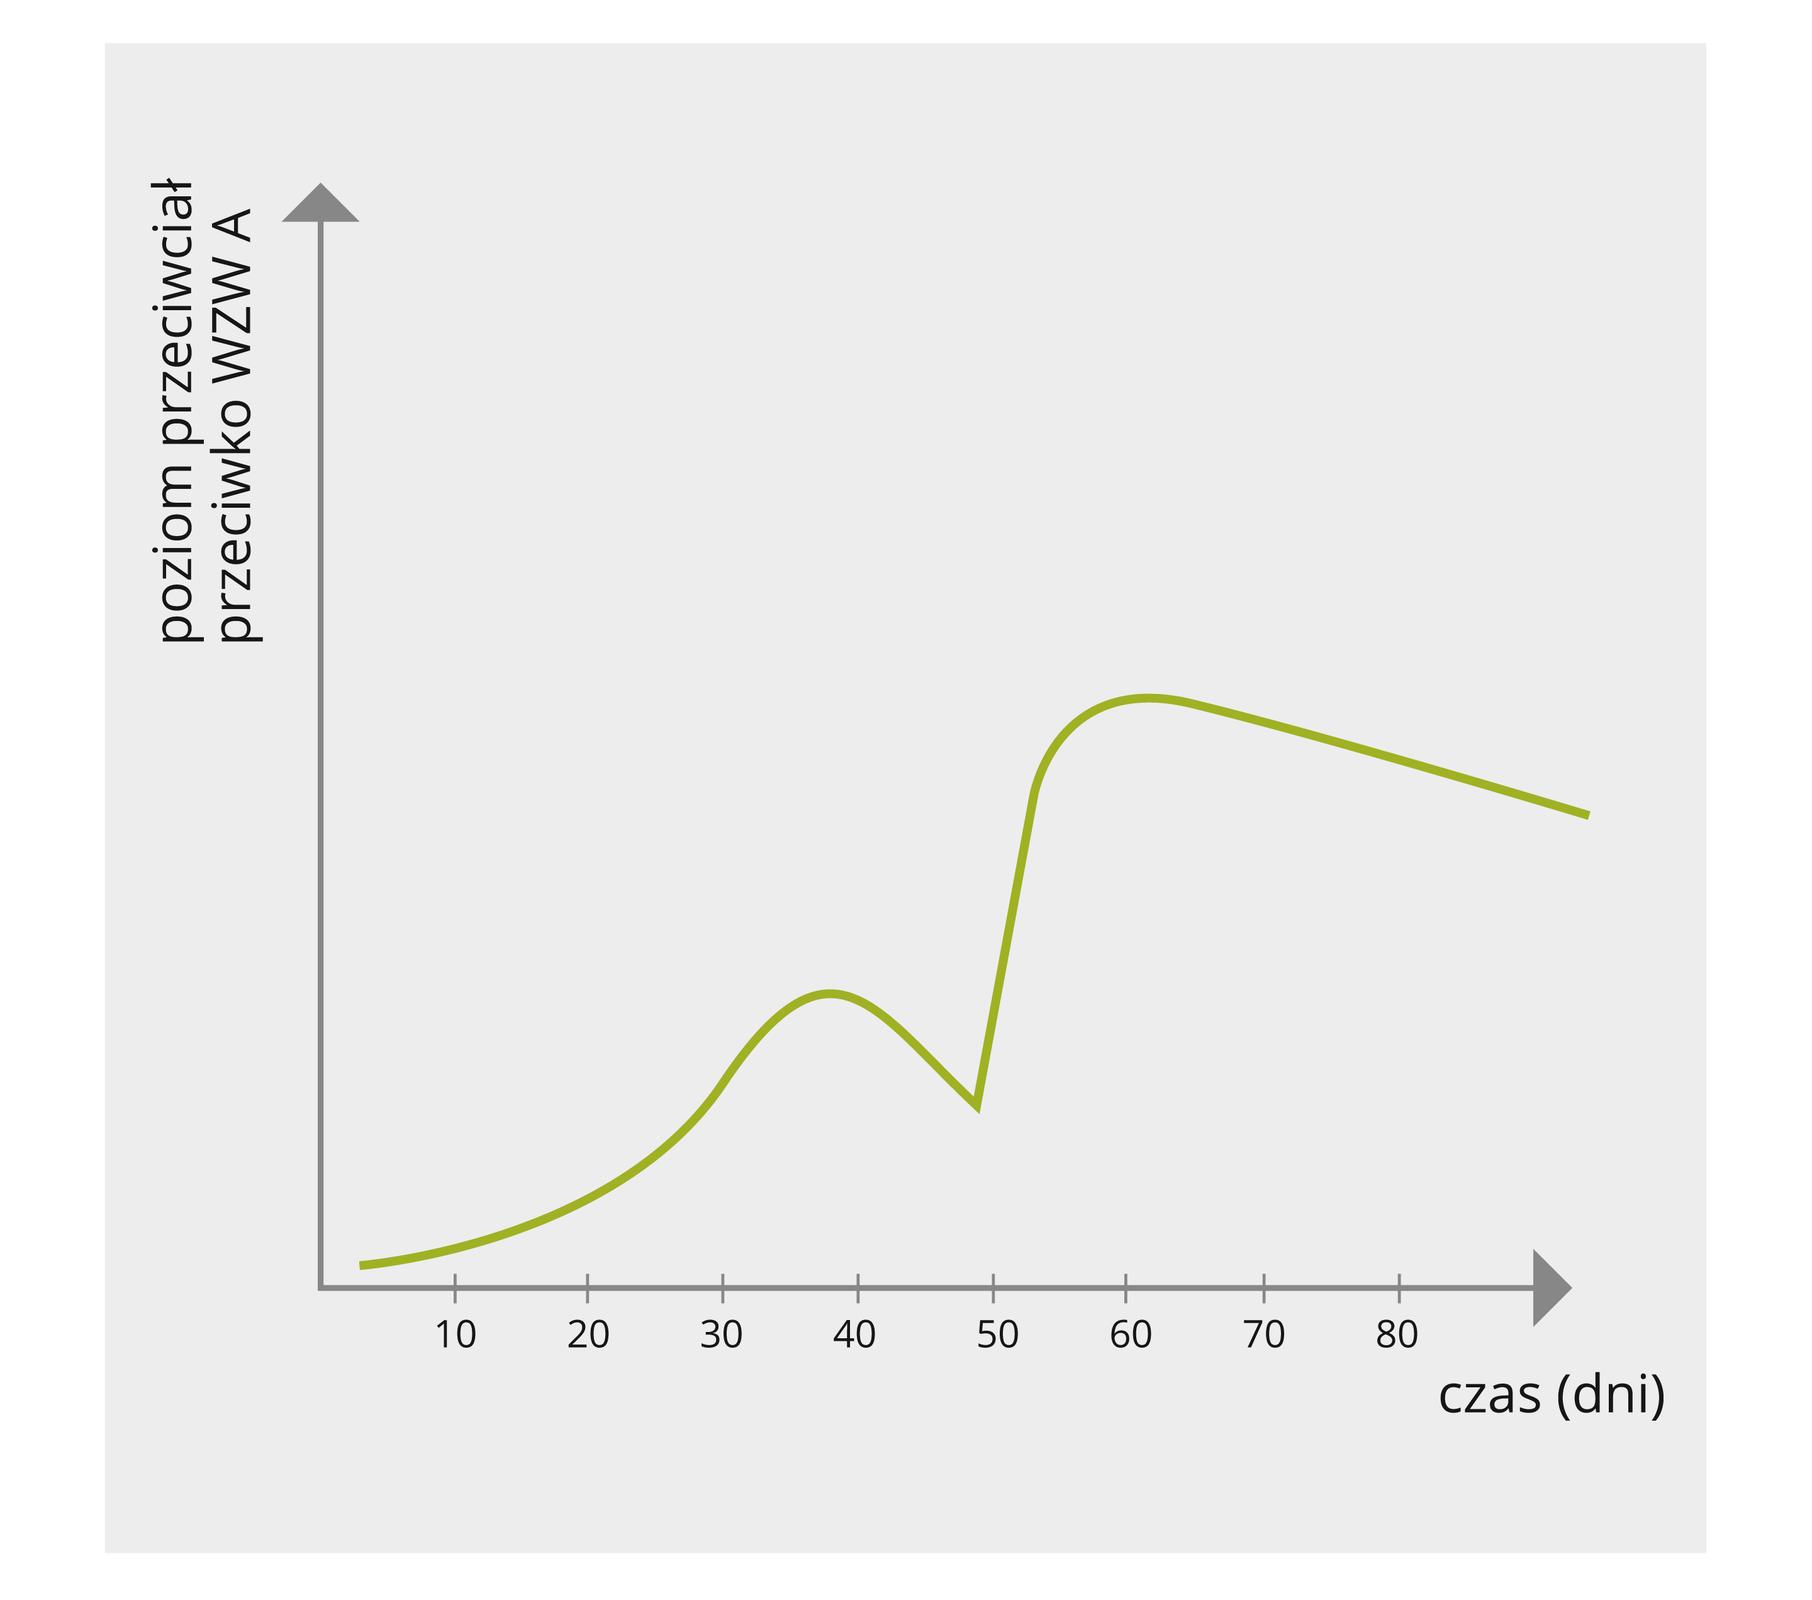 Wykres wpostaci zielonej linii przedstawia poziom przeciwciał przeciwko ospie we krwi pacjentki po upływie czasu.